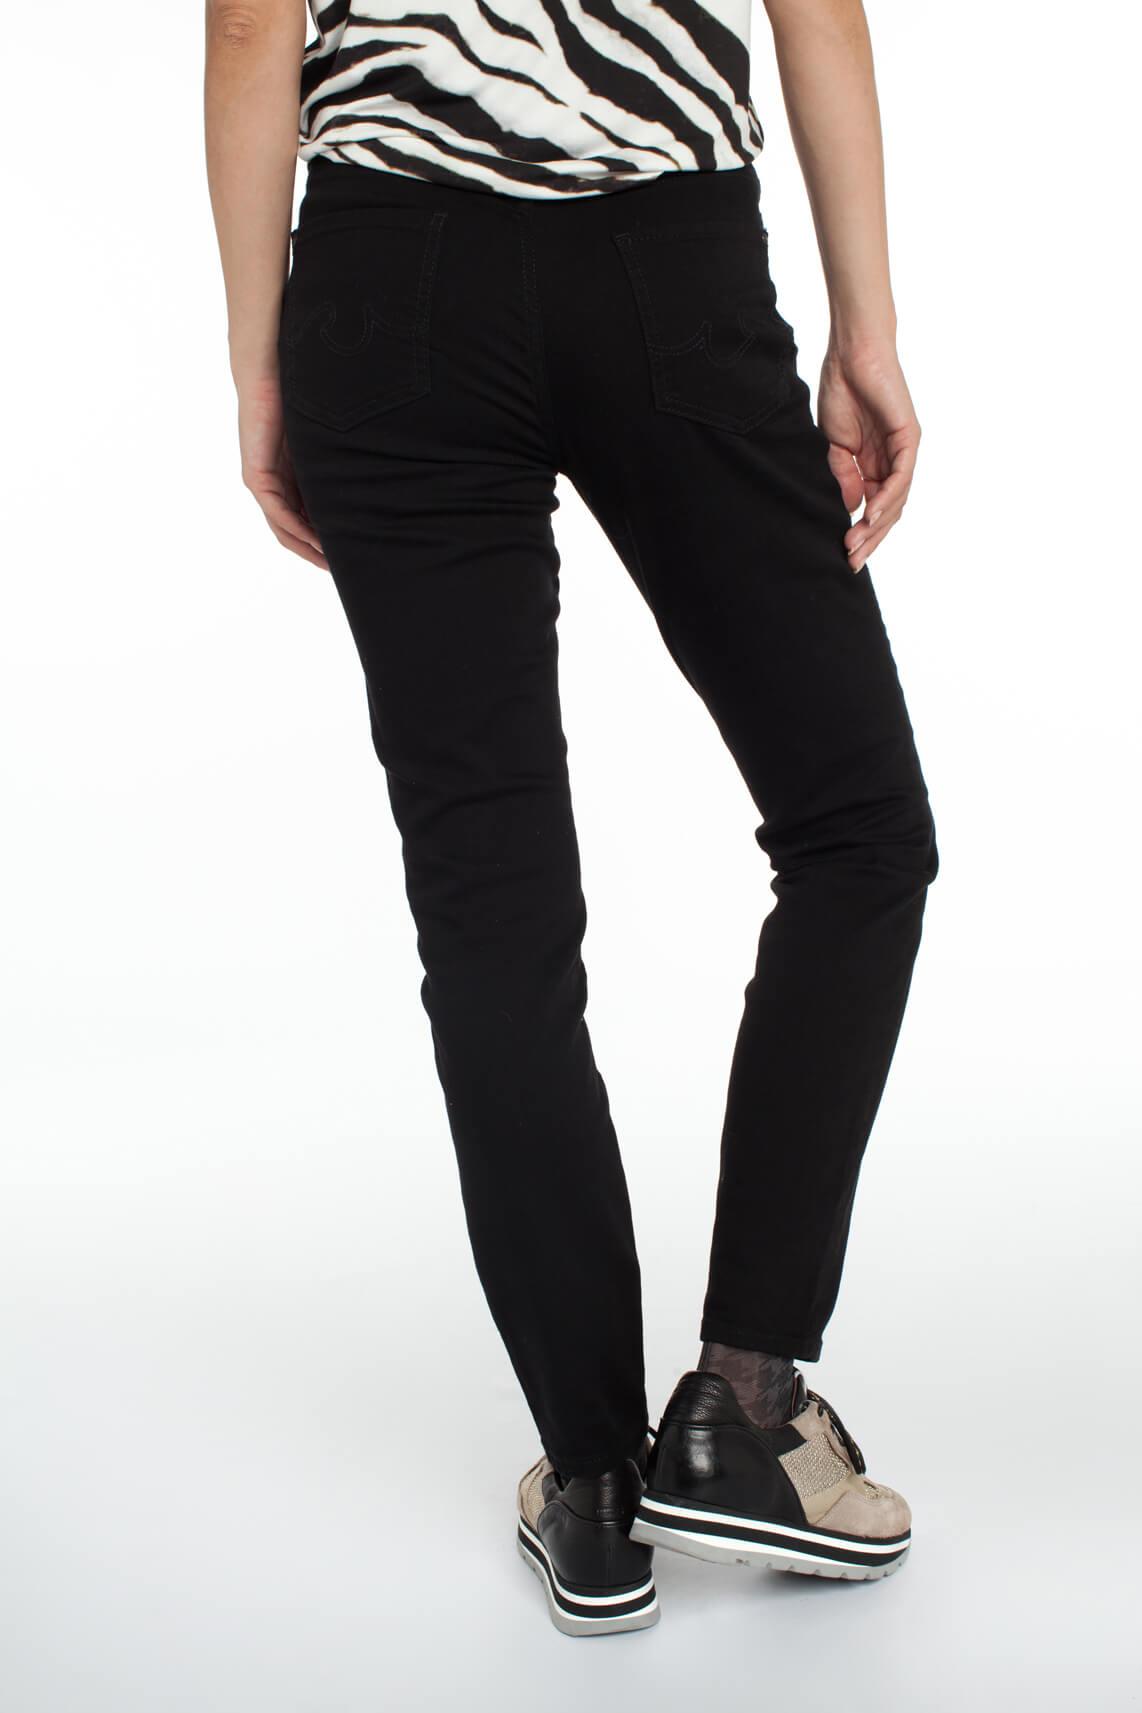 Rosner Dames Audrey high waist jeans zwart zwart